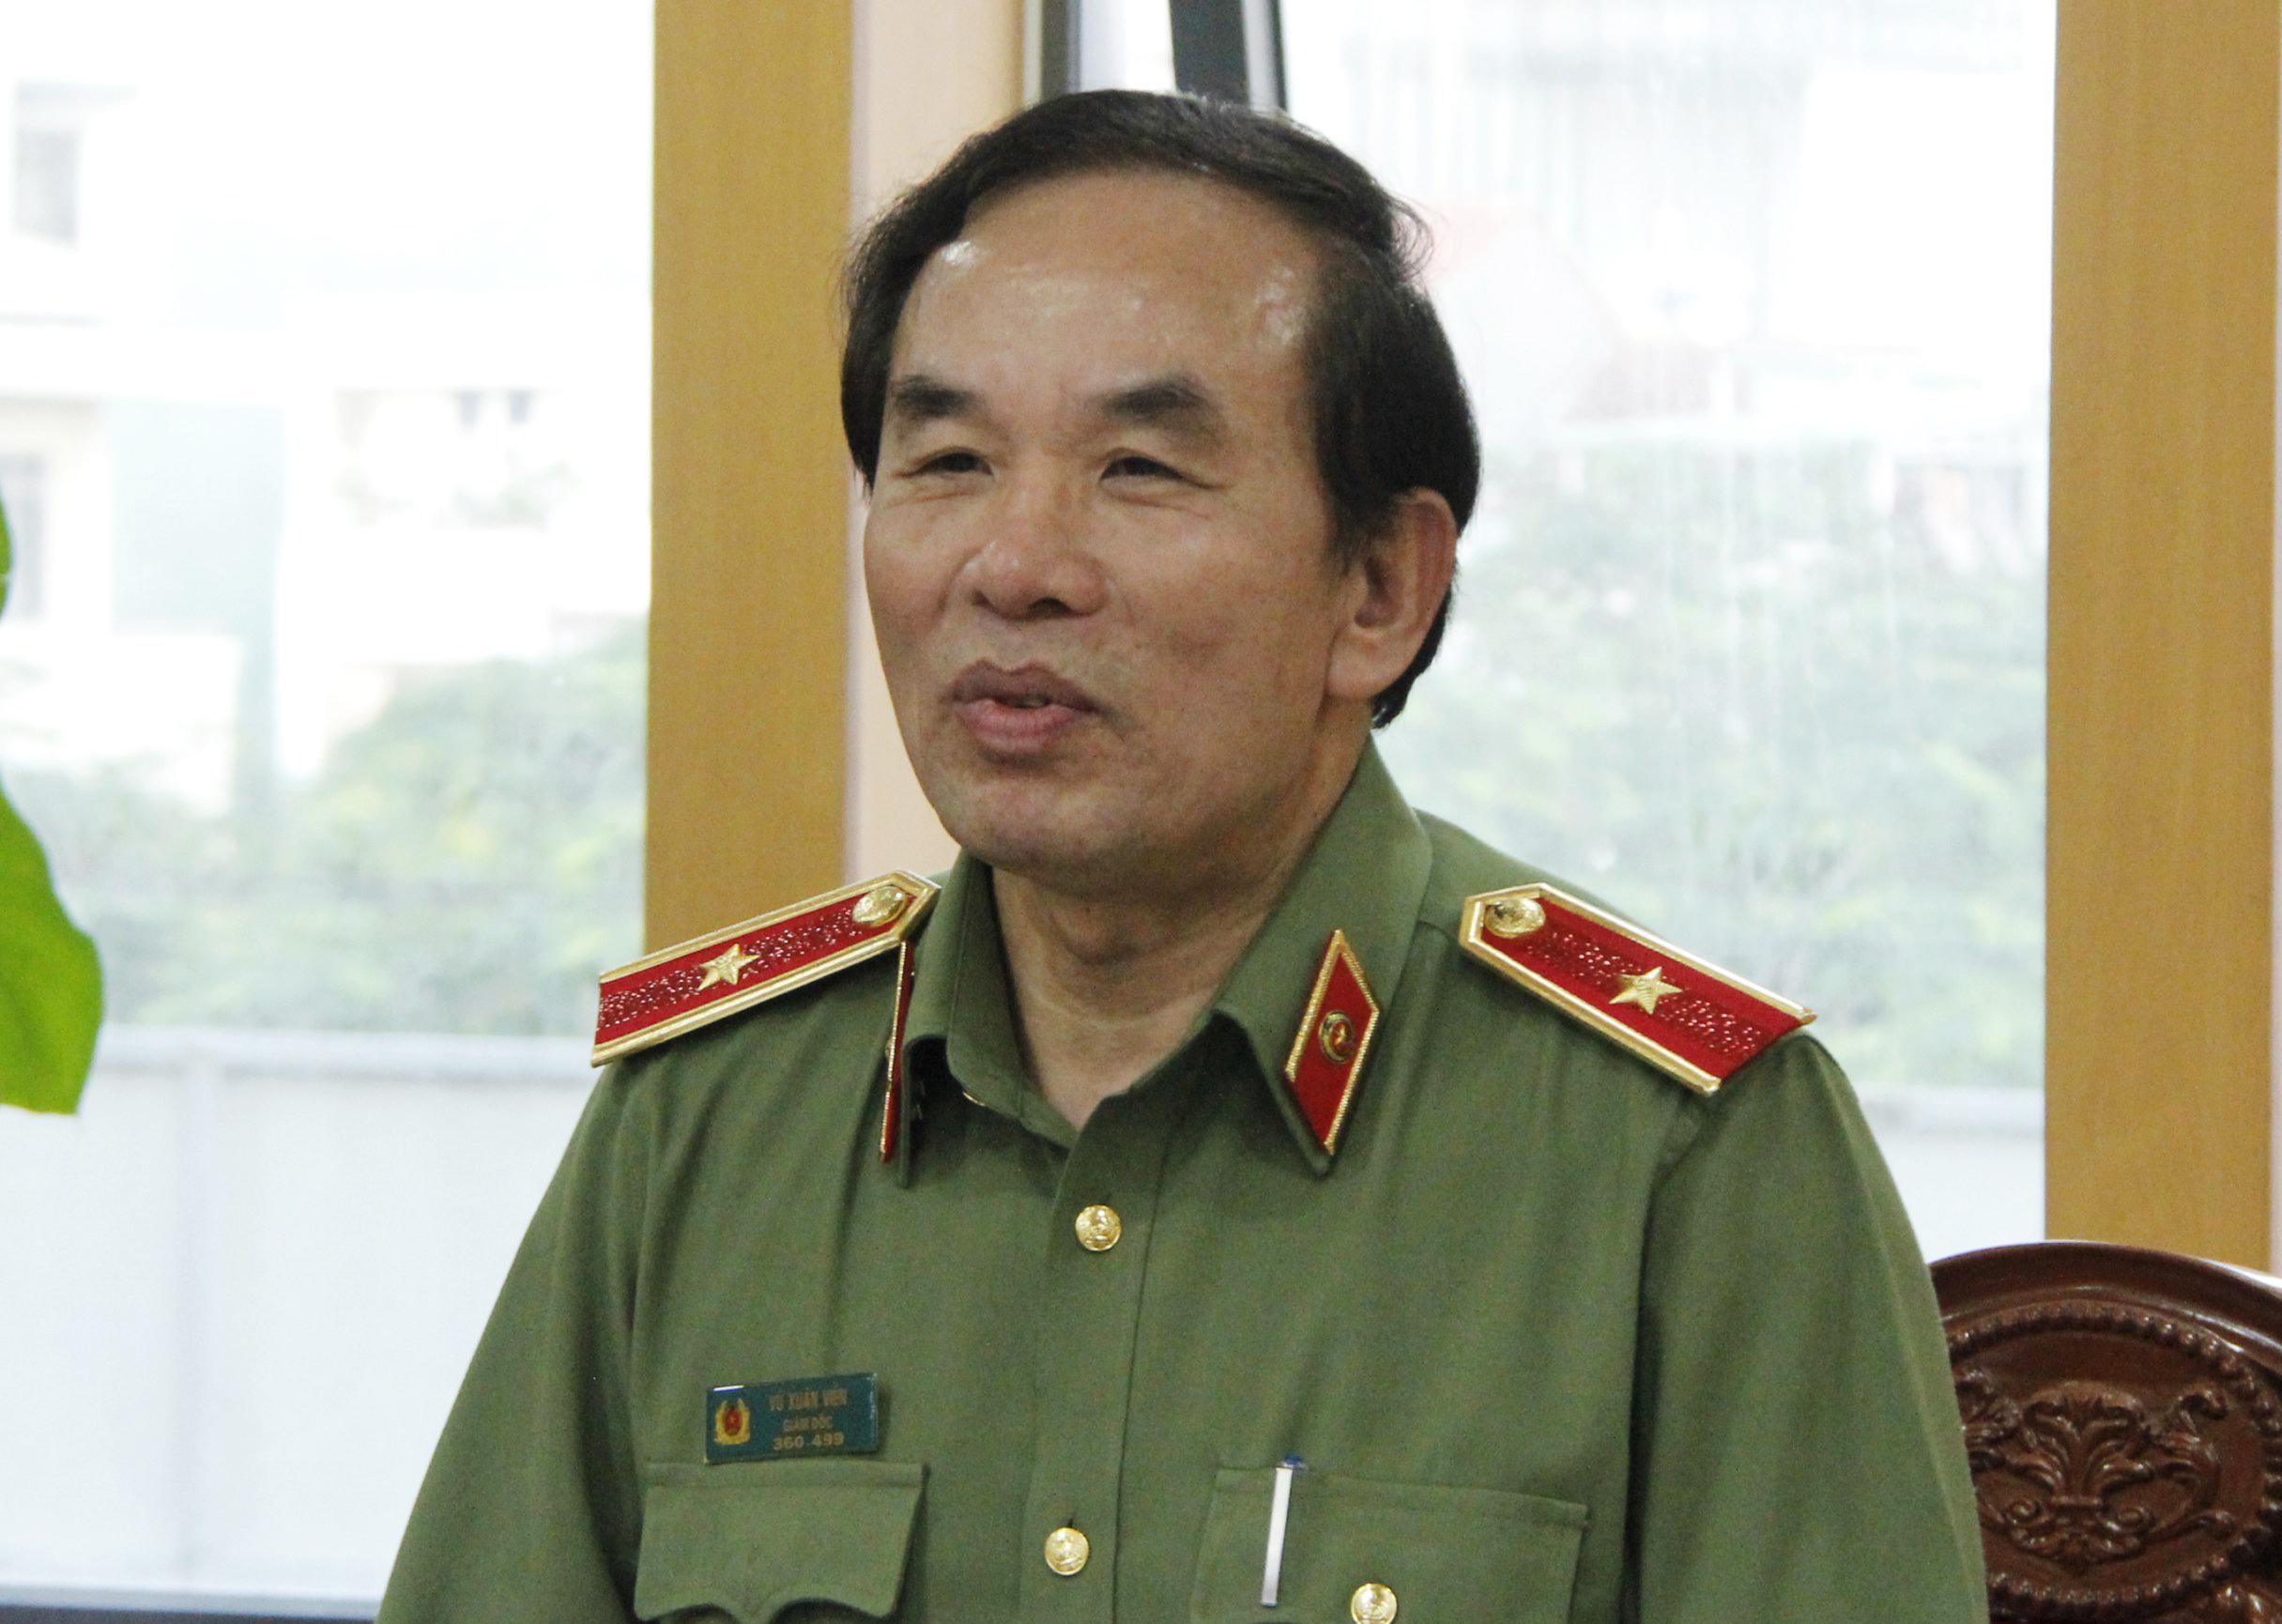 Giám đốc Công an Đà Nẵng thông tin vụ tài xế chết trong tư thế treo cổ